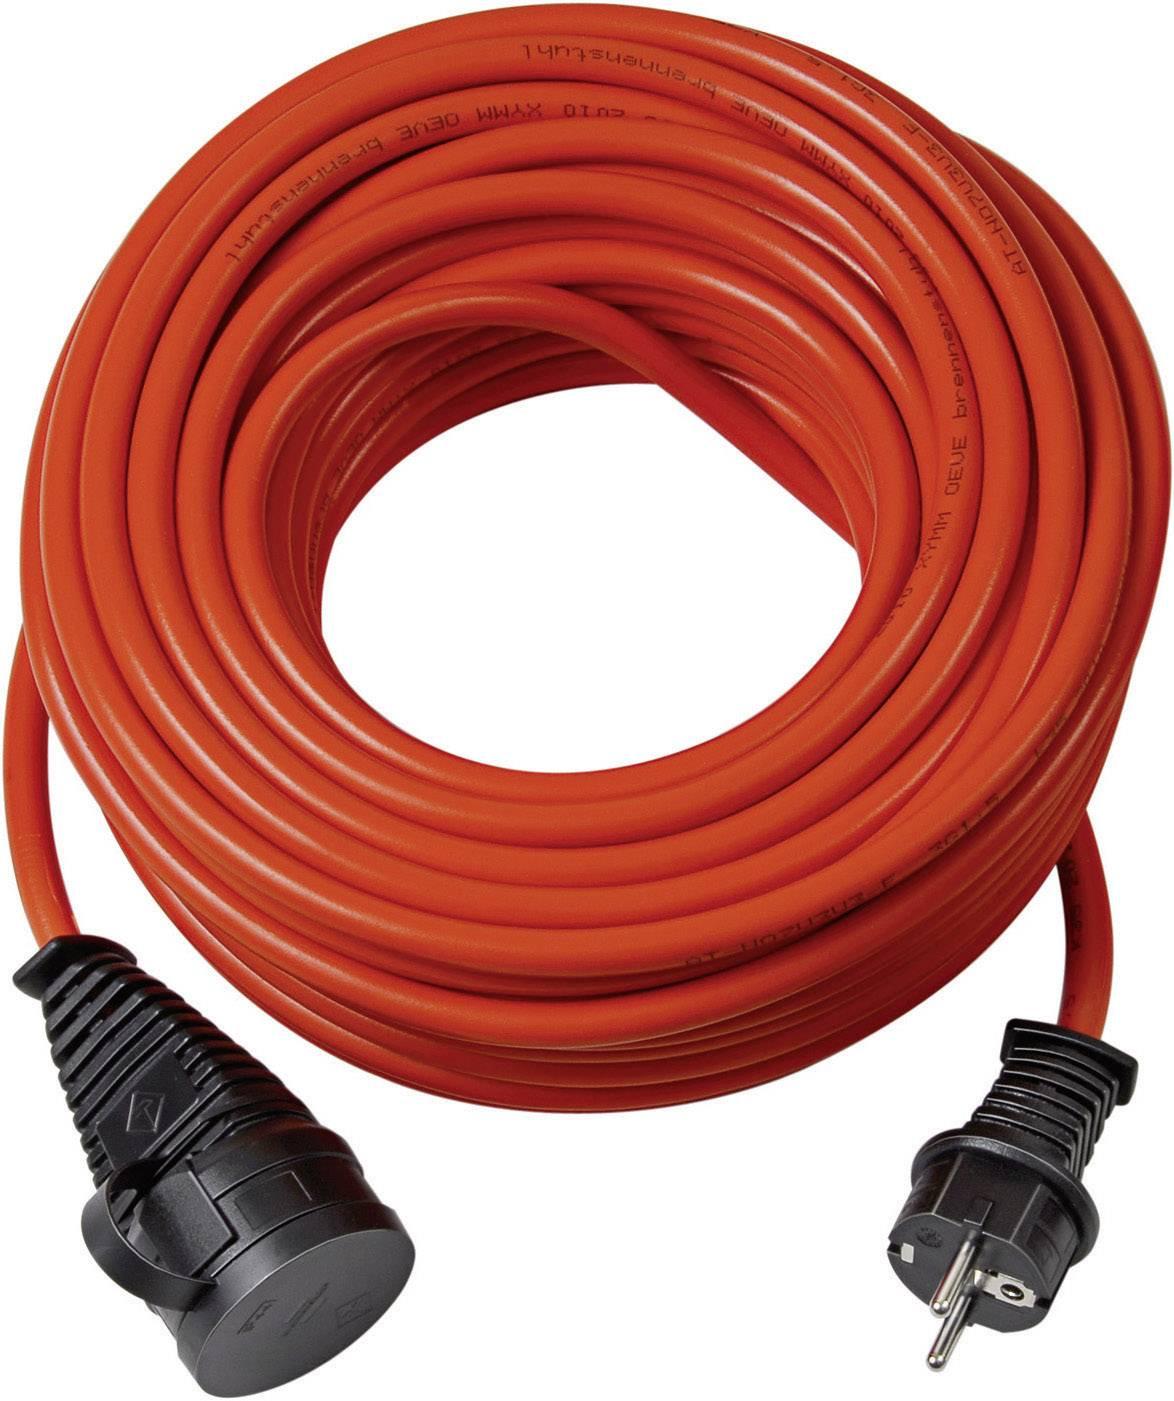 Vonkajší predlžovací kábel Brennenstuhl 1161760, červená, 20 m